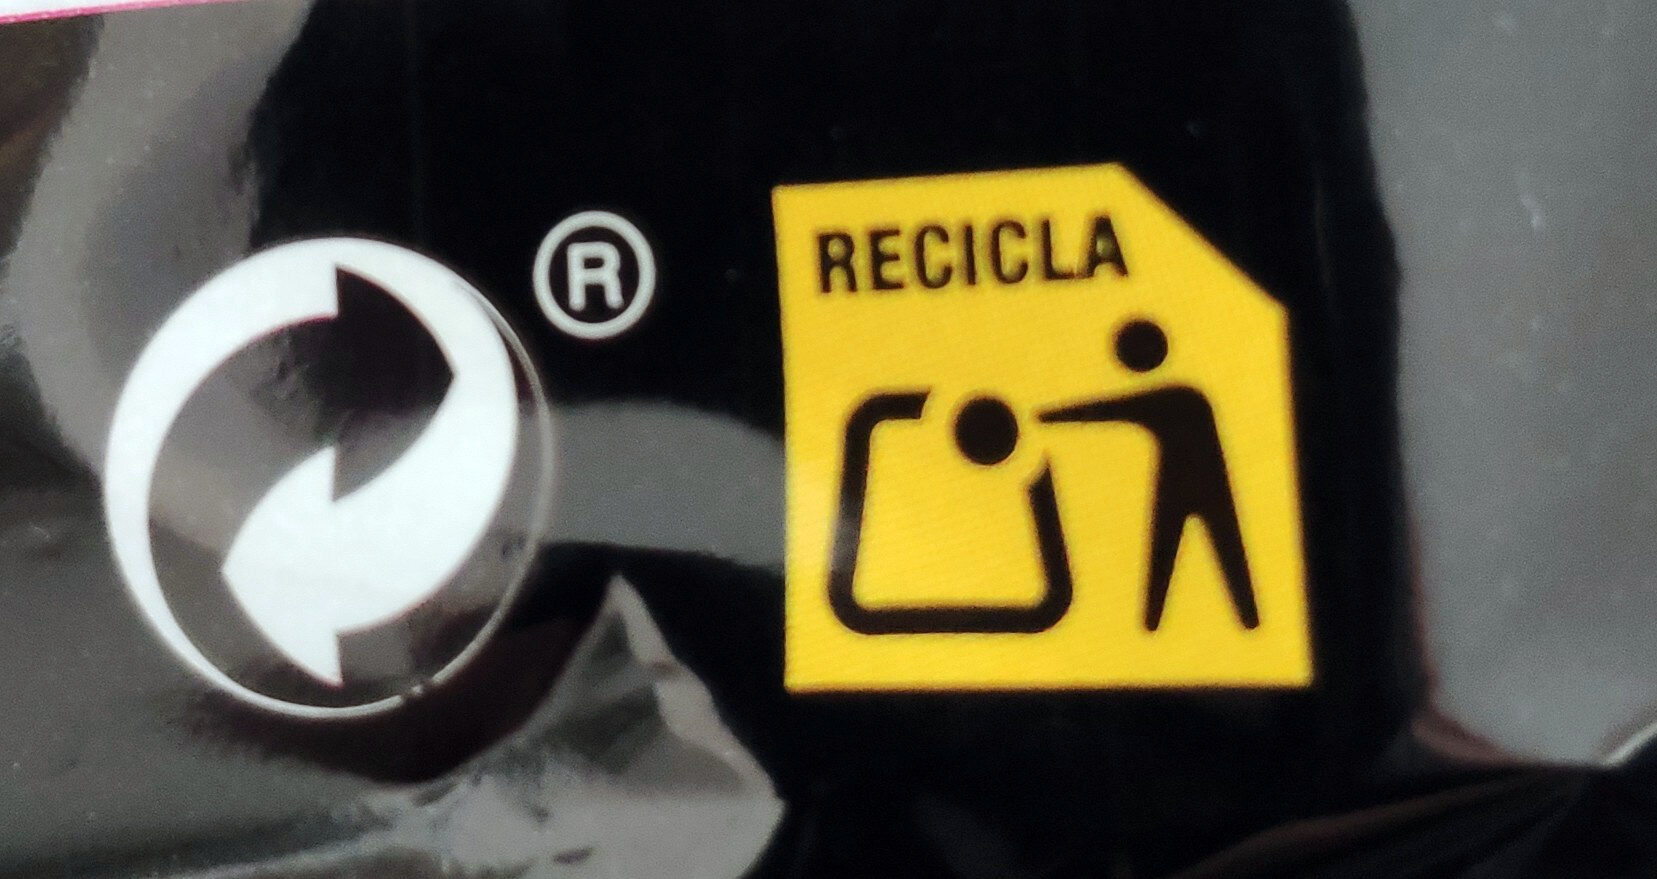 Extra crunch - Istruzioni per il riciclaggio e/o informazioni sull'imballaggio - es